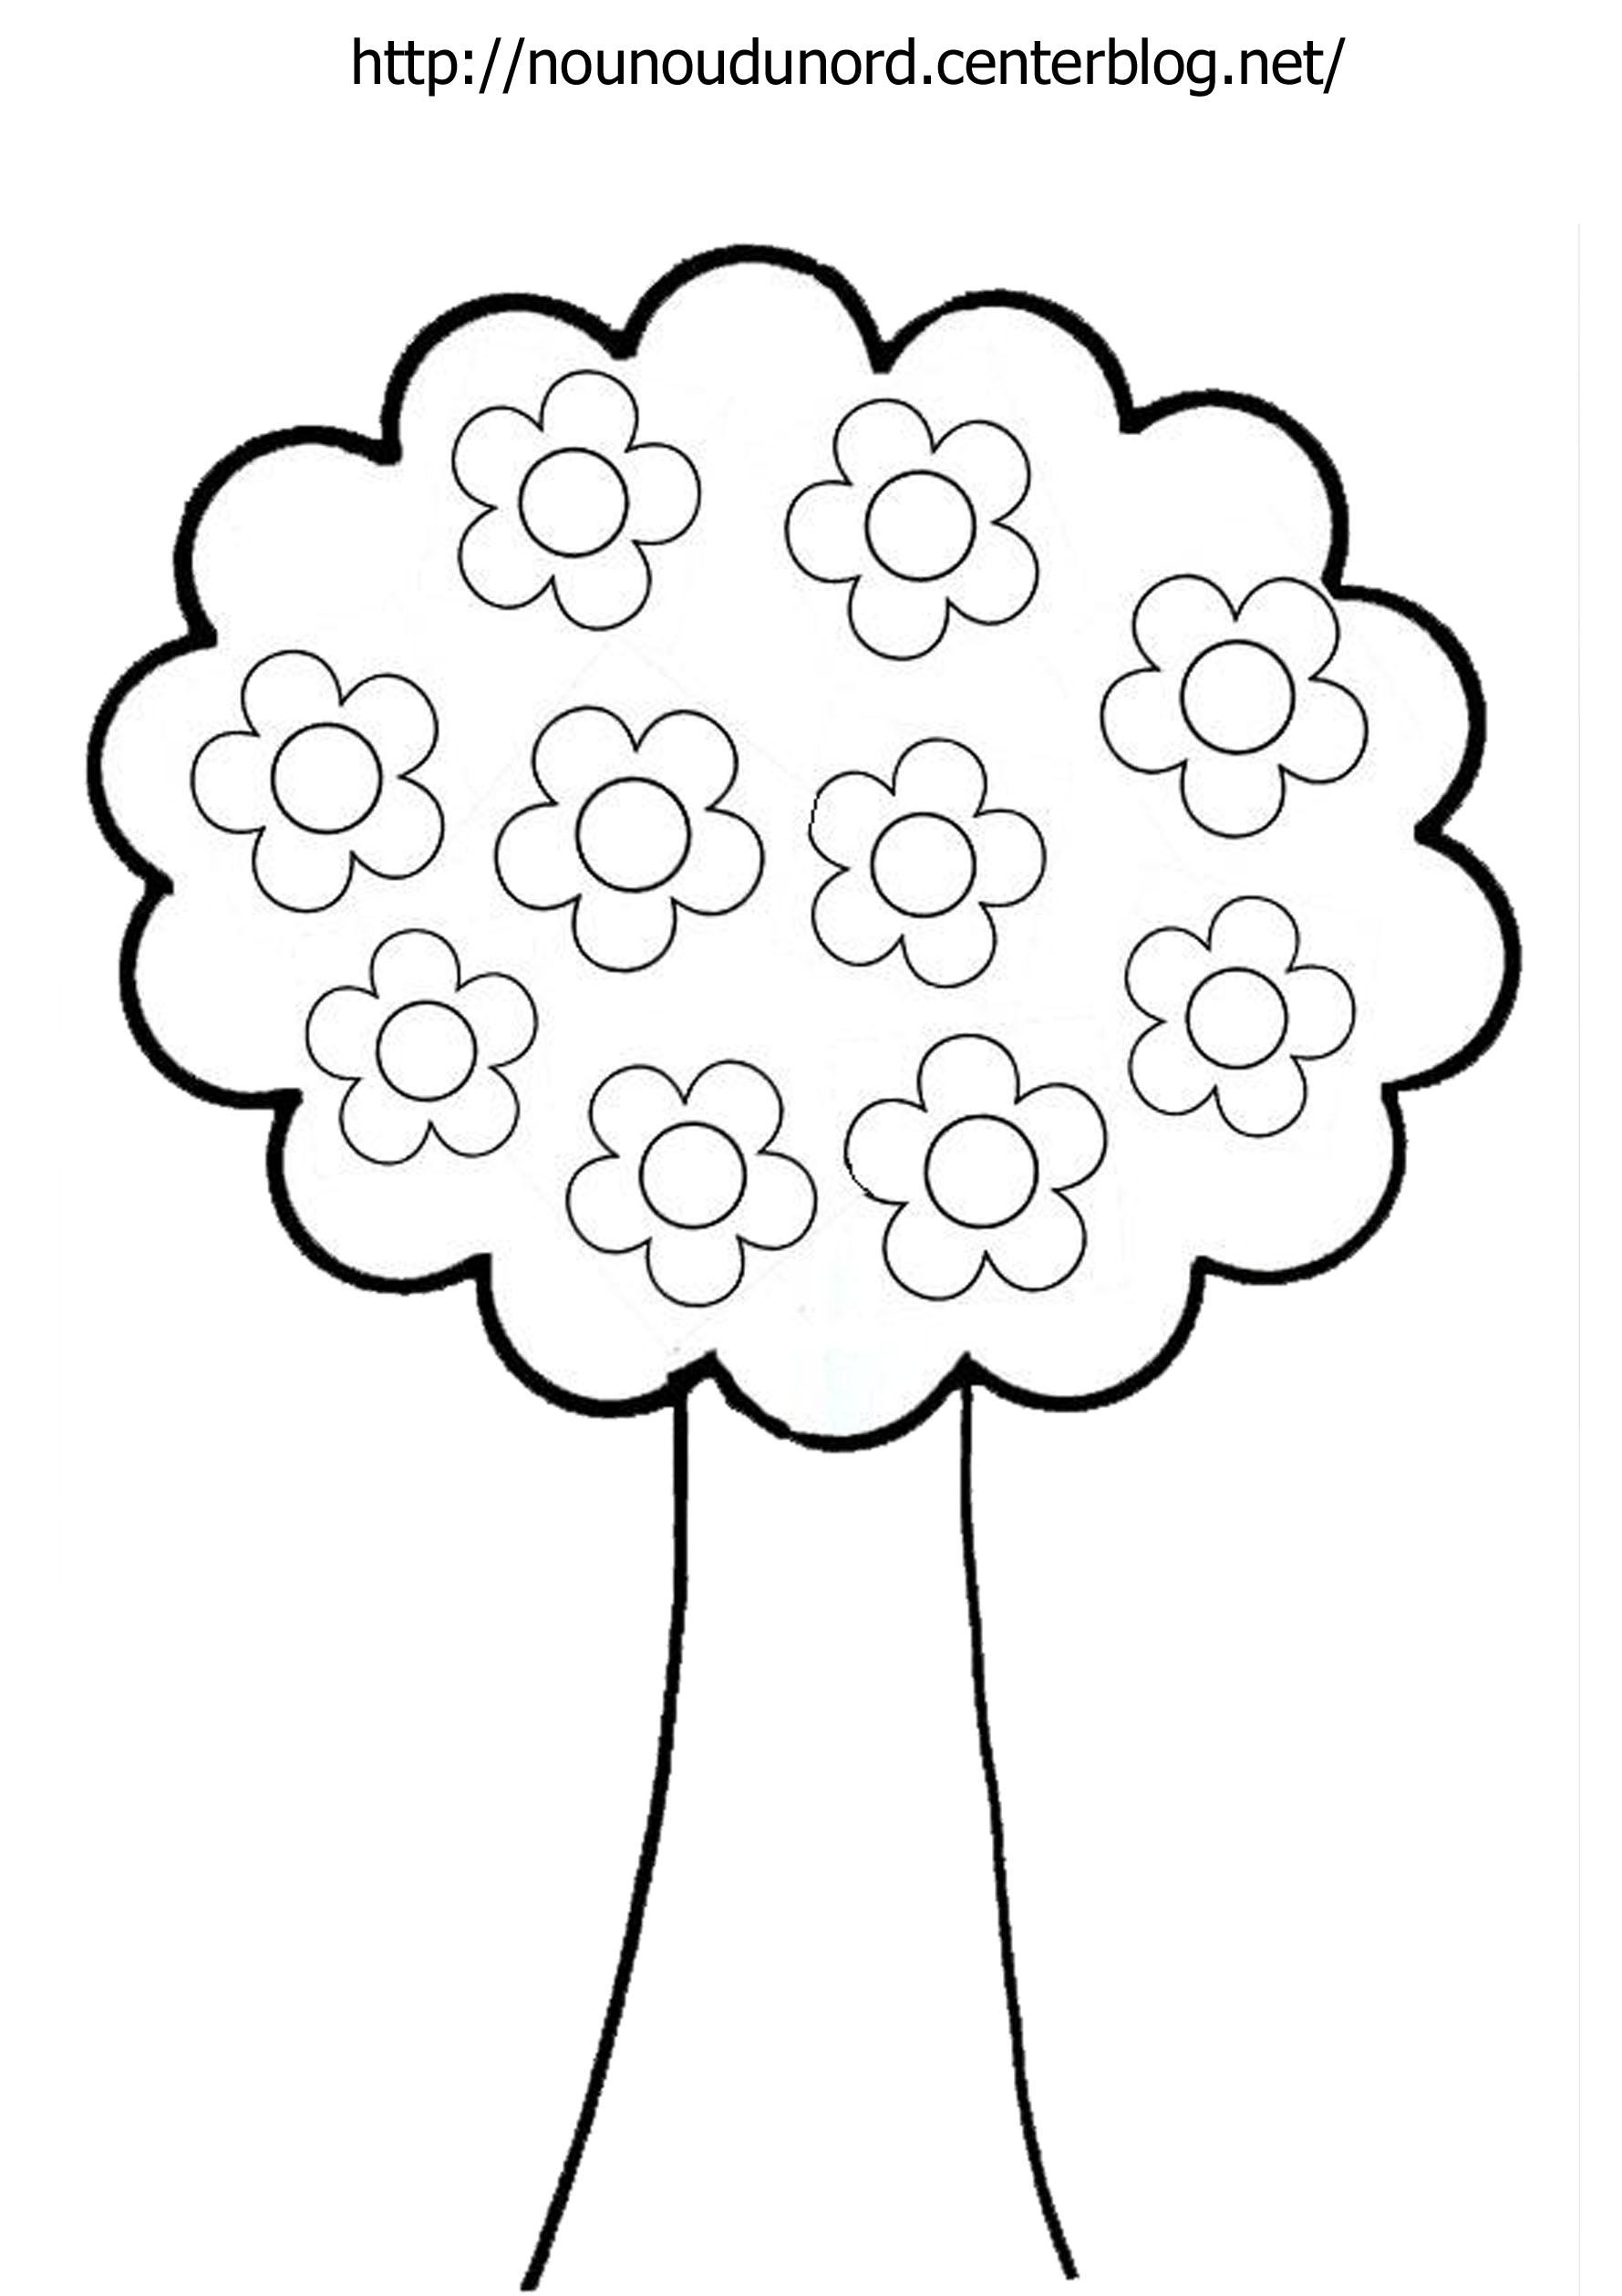 coloriage arbre vent